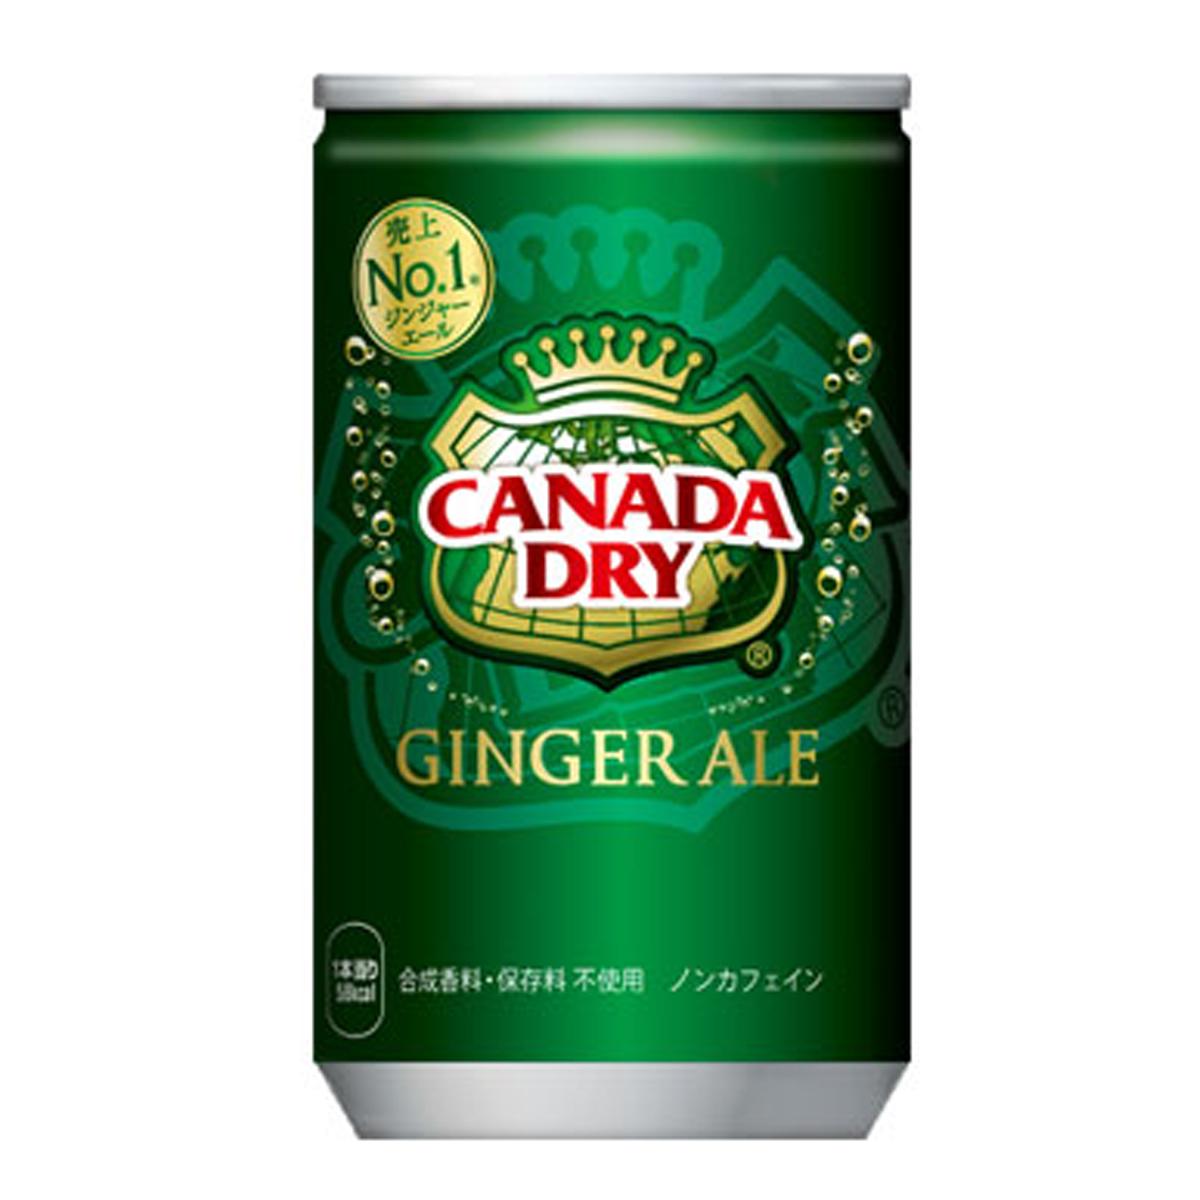 【2ケースセット】コカ・コーラ カナダドライ ジンジャーエール 160mL缶 飲料 飲み物 ソフトドリンク 30本×2ケース 買い回り 買い周り 買いまわり ポイント消化